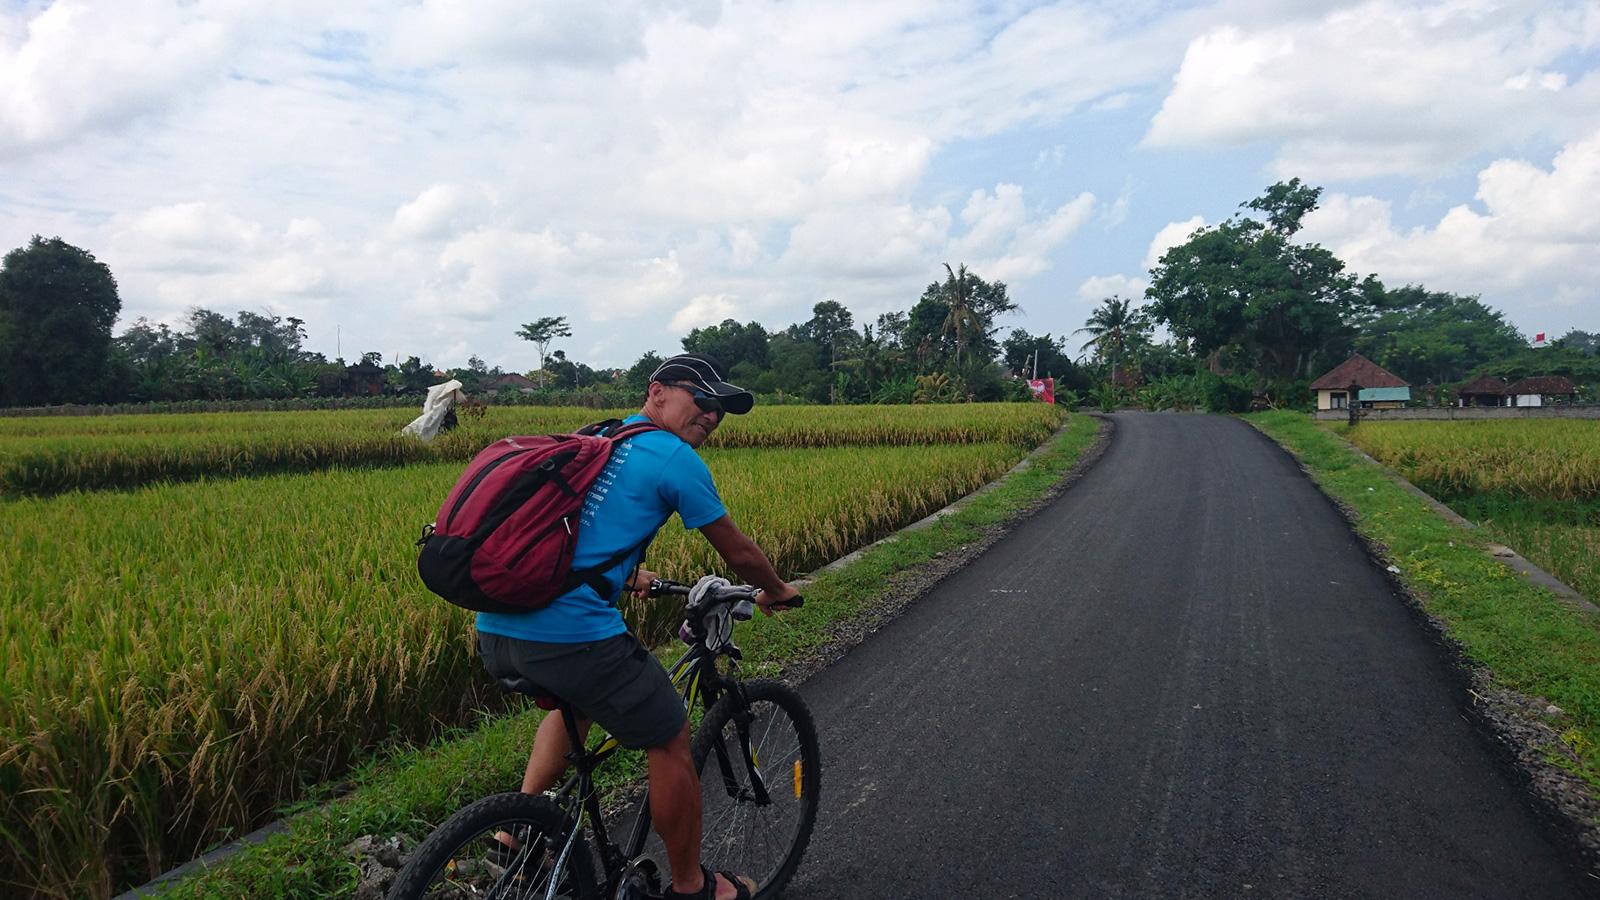 【オーダーメイド旅】自転車でバリ島一周できるかな?ケンイチローさんと尾島の無謀旅